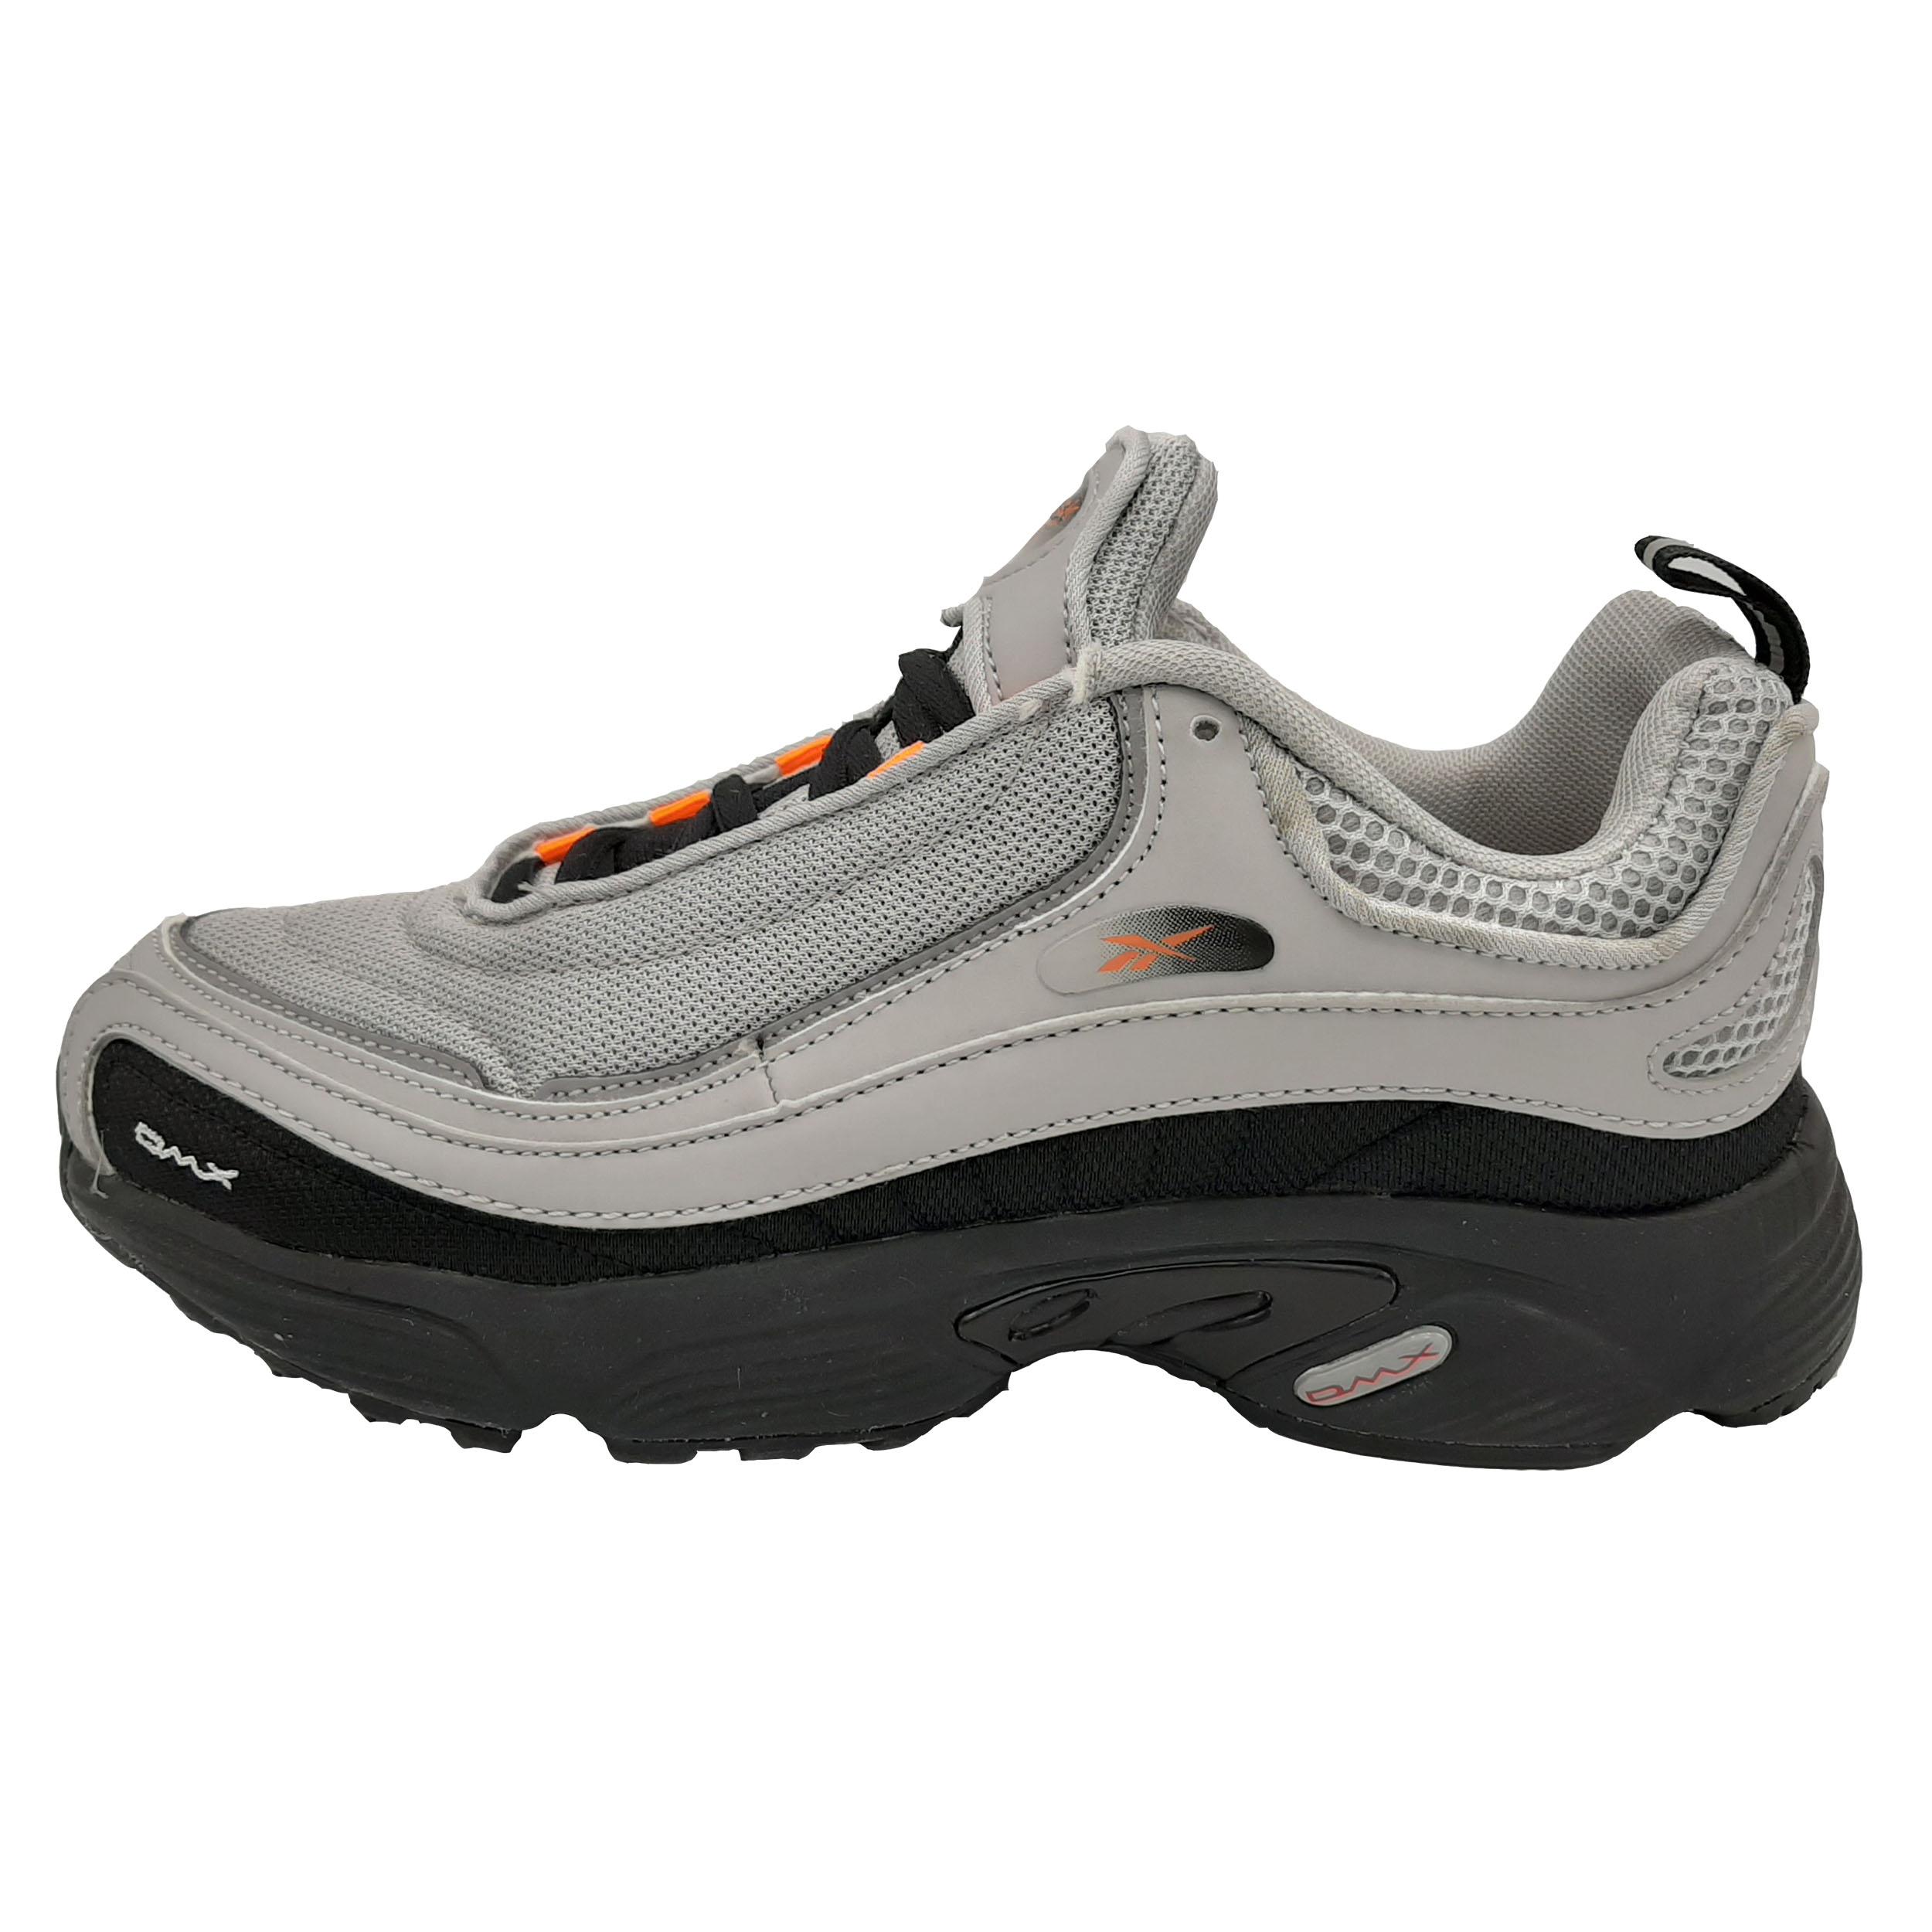 فروش                     کفش مخصوص پیاده روی مردانه ریباک مدل Daytona DMX کد B.GR